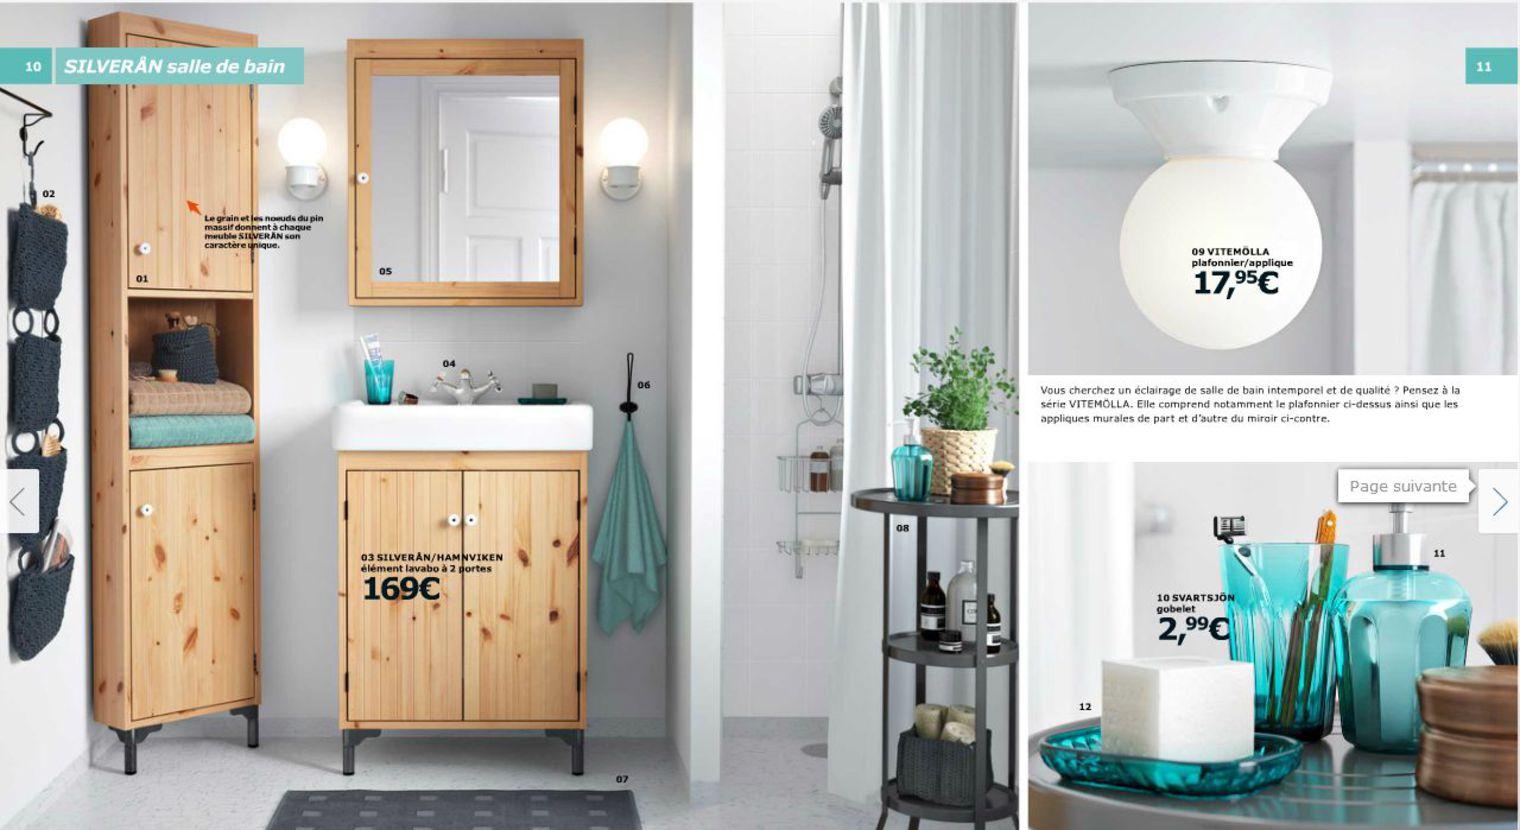 Meuble Salle De Bain Ikea Double Vasque Meilleur De Photos Meuble Salle De Bain Ikea Hemnes